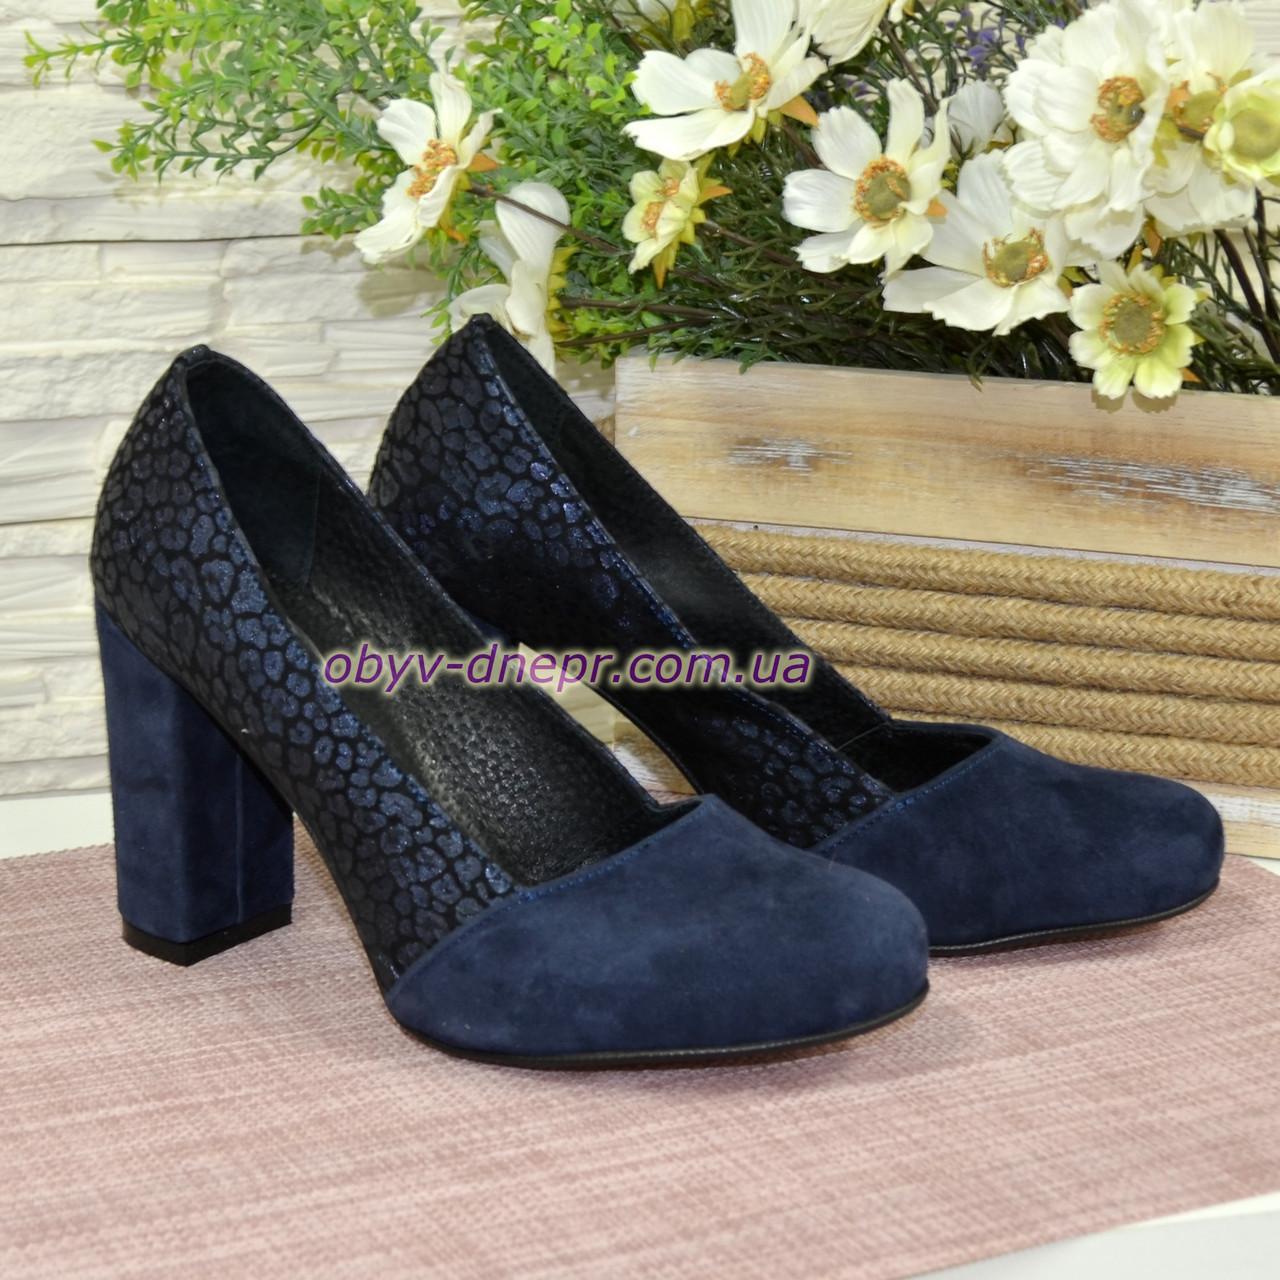 Туфли замшевые на высоком устойчивом каблуке, цвет синий